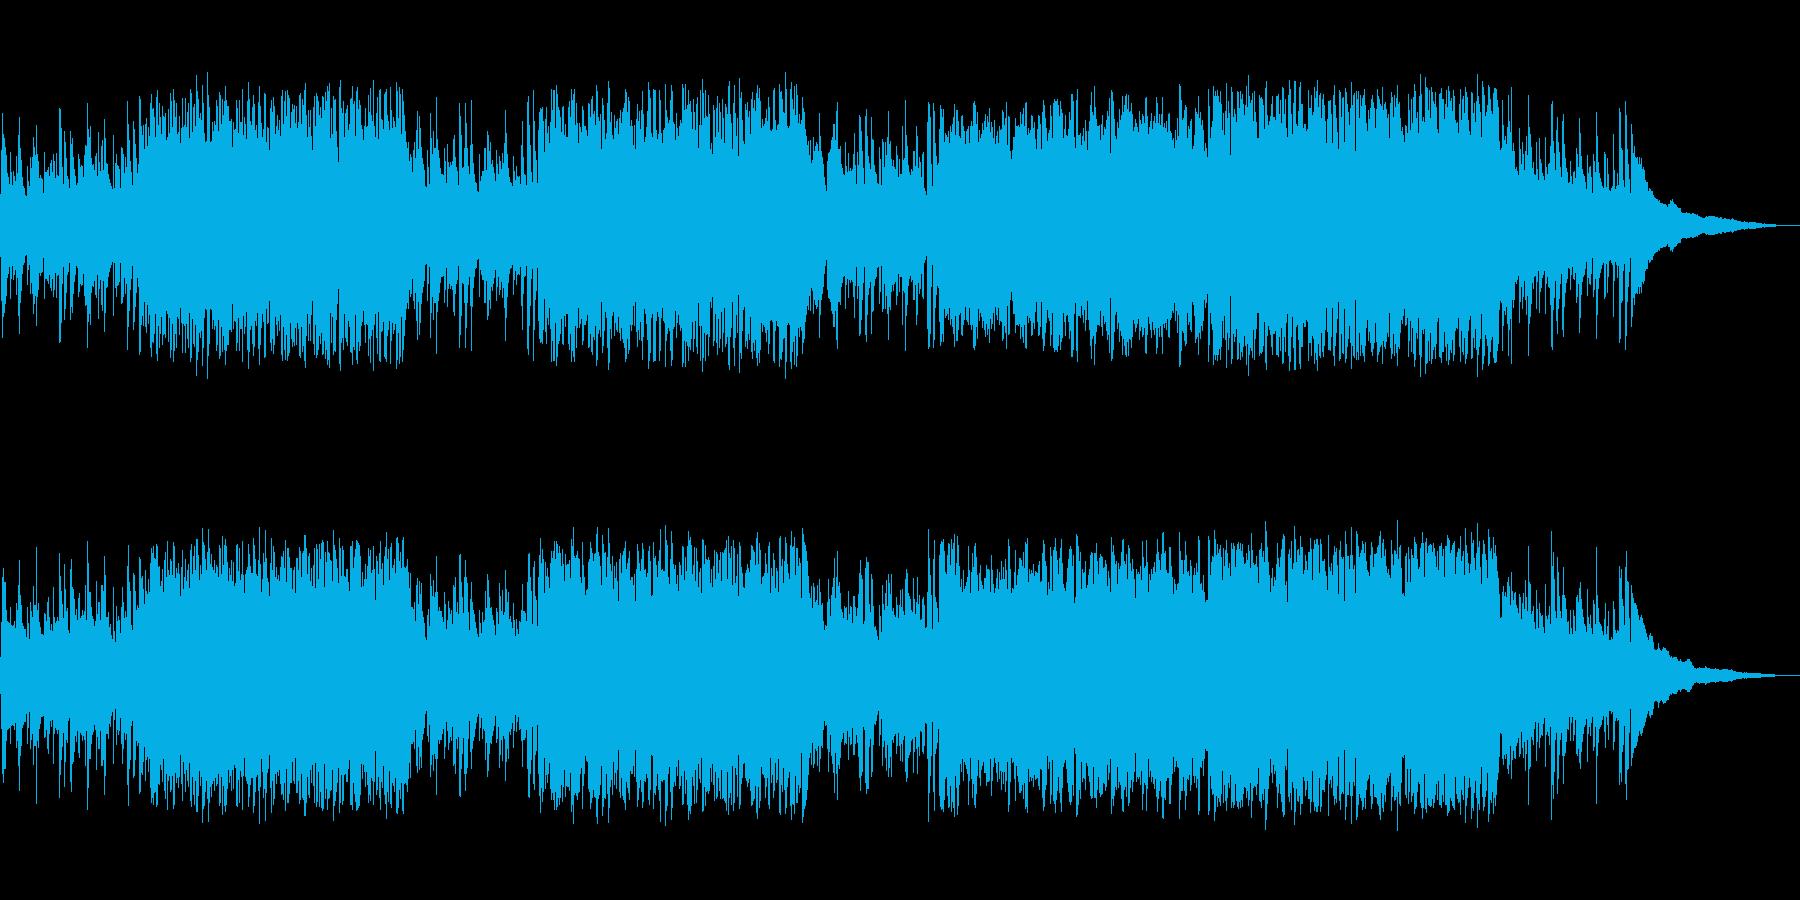 情熱が伝わる中南米系ワールドミュージックの再生済みの波形